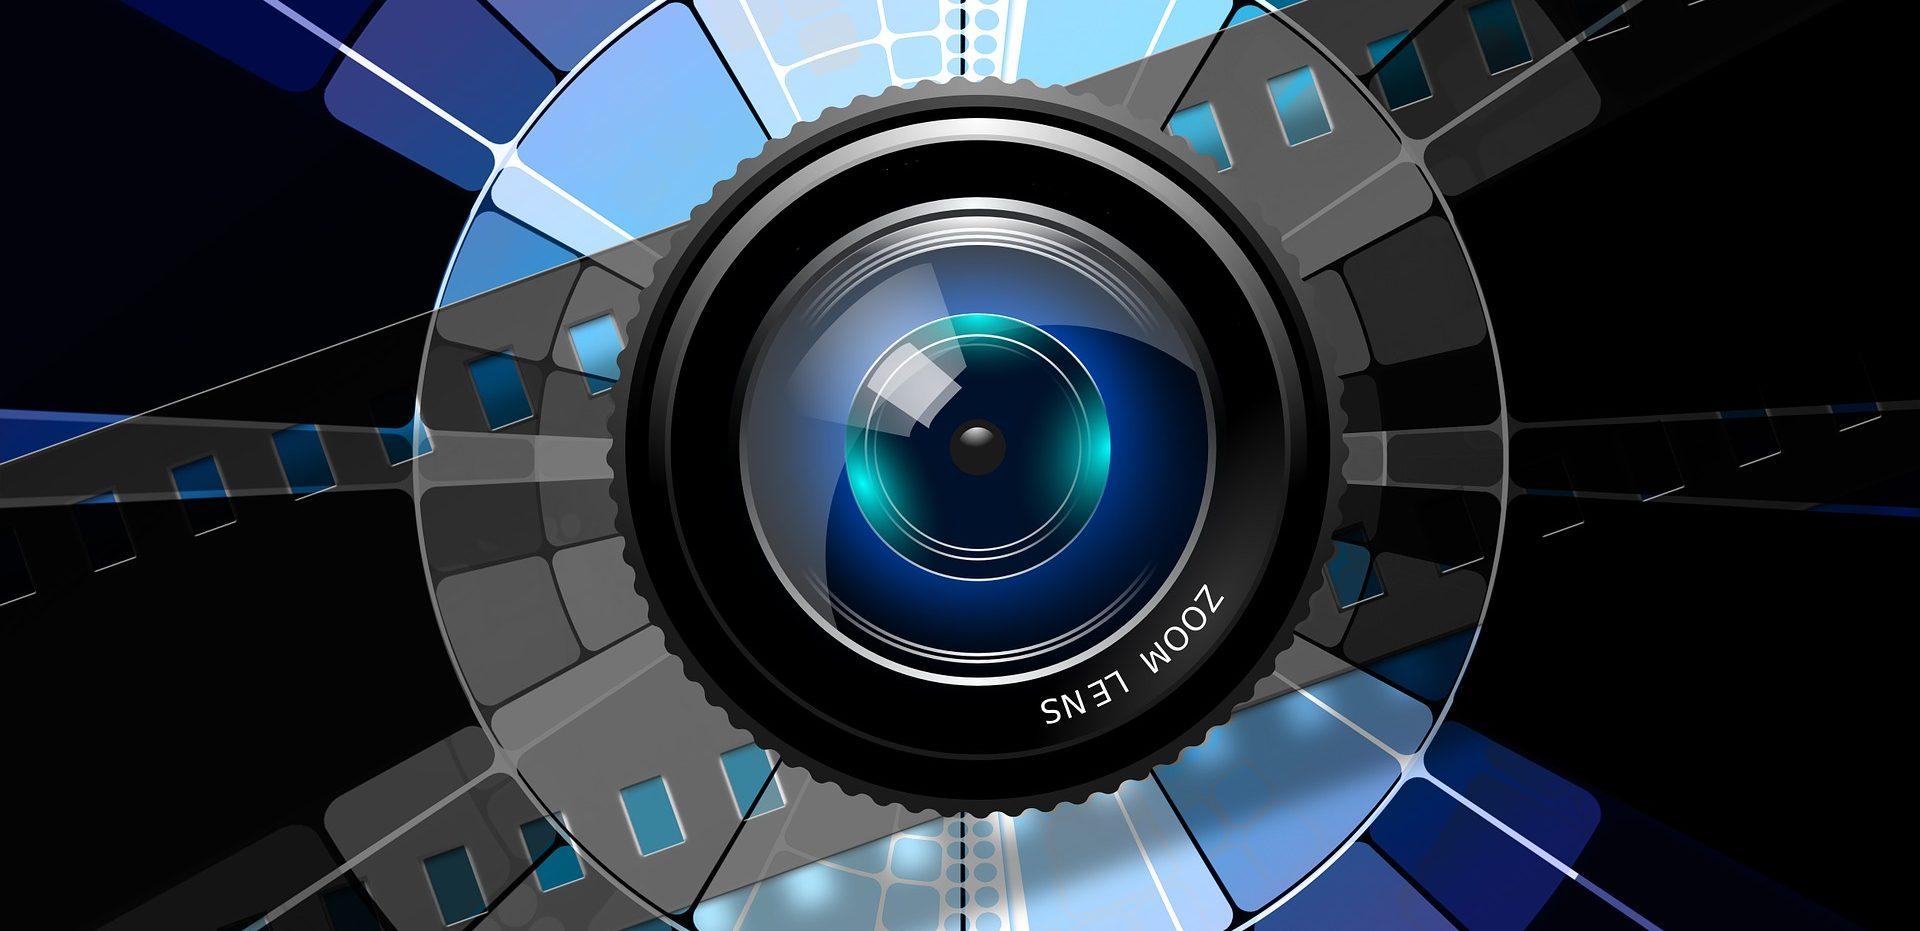 lens-1018164_1920